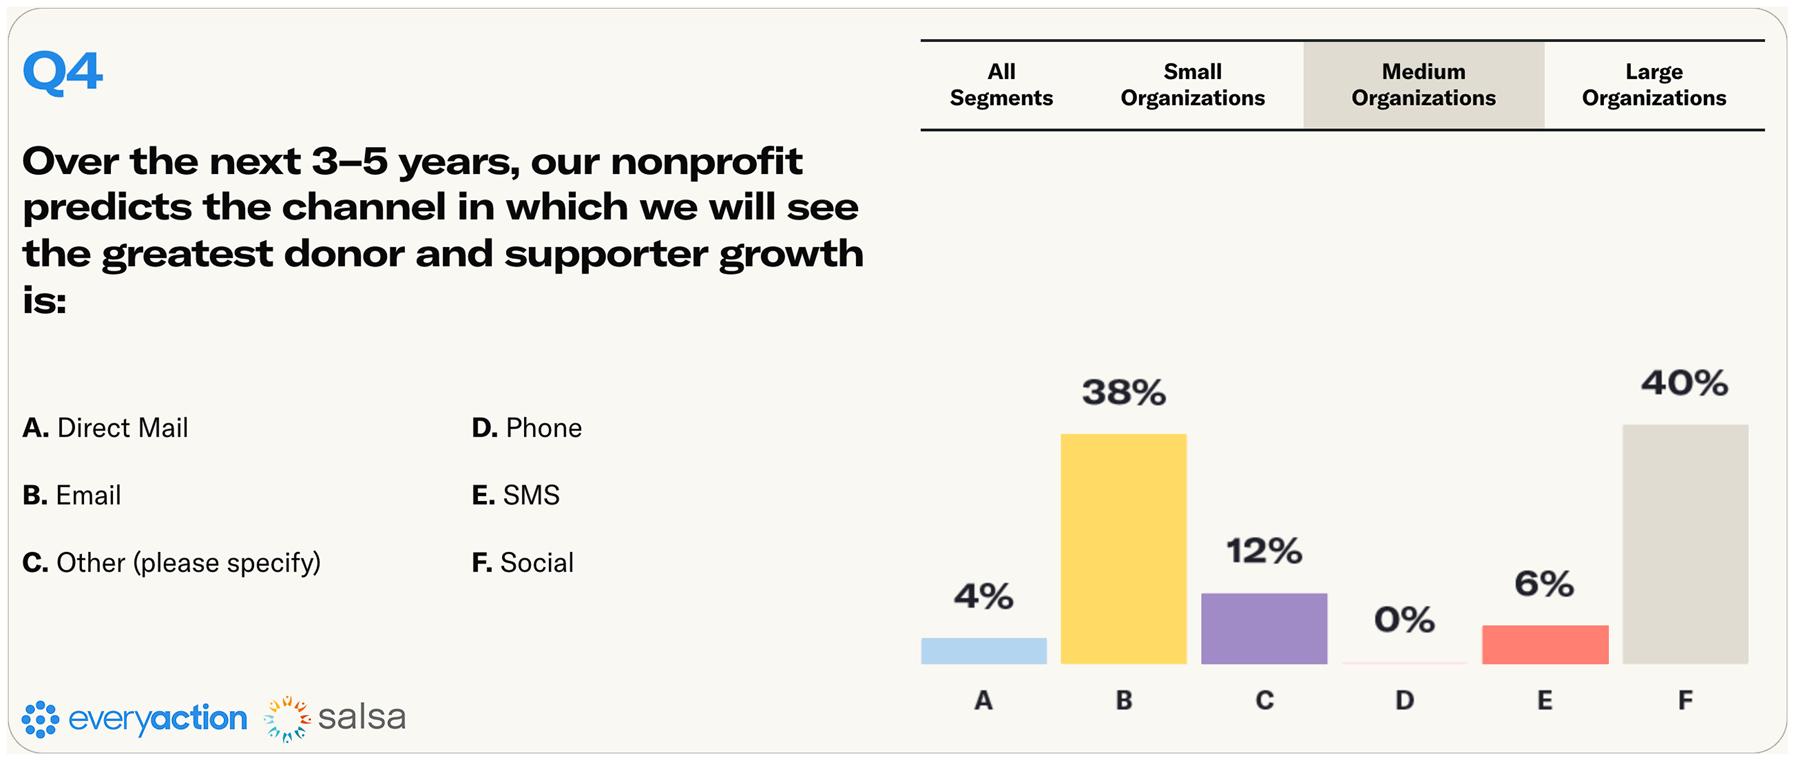 Nonprofit Fundraising Survey Q4 Medium Nonprofits Image